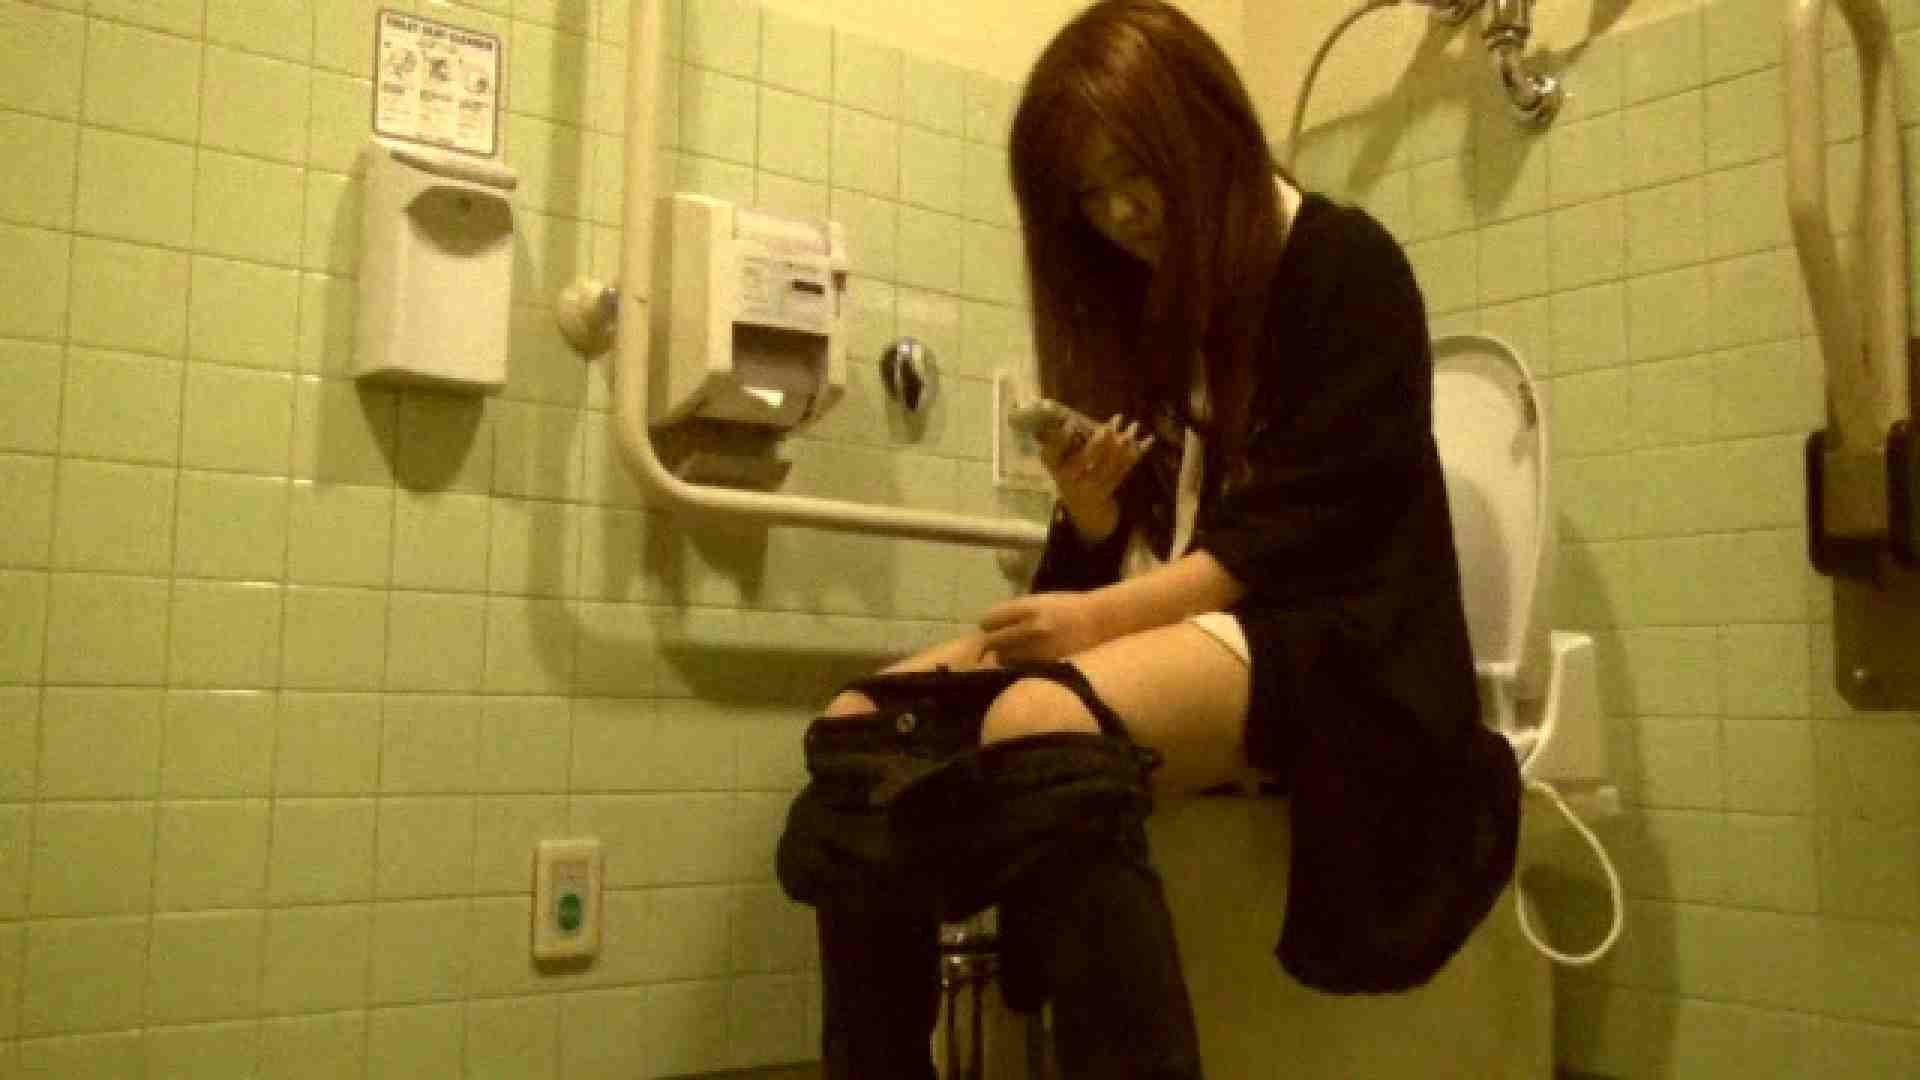 魔術師の お・も・て・な・し vol.26 19歳のバーの店員さんの洗面所をしばし… 洗面所  60枚 40